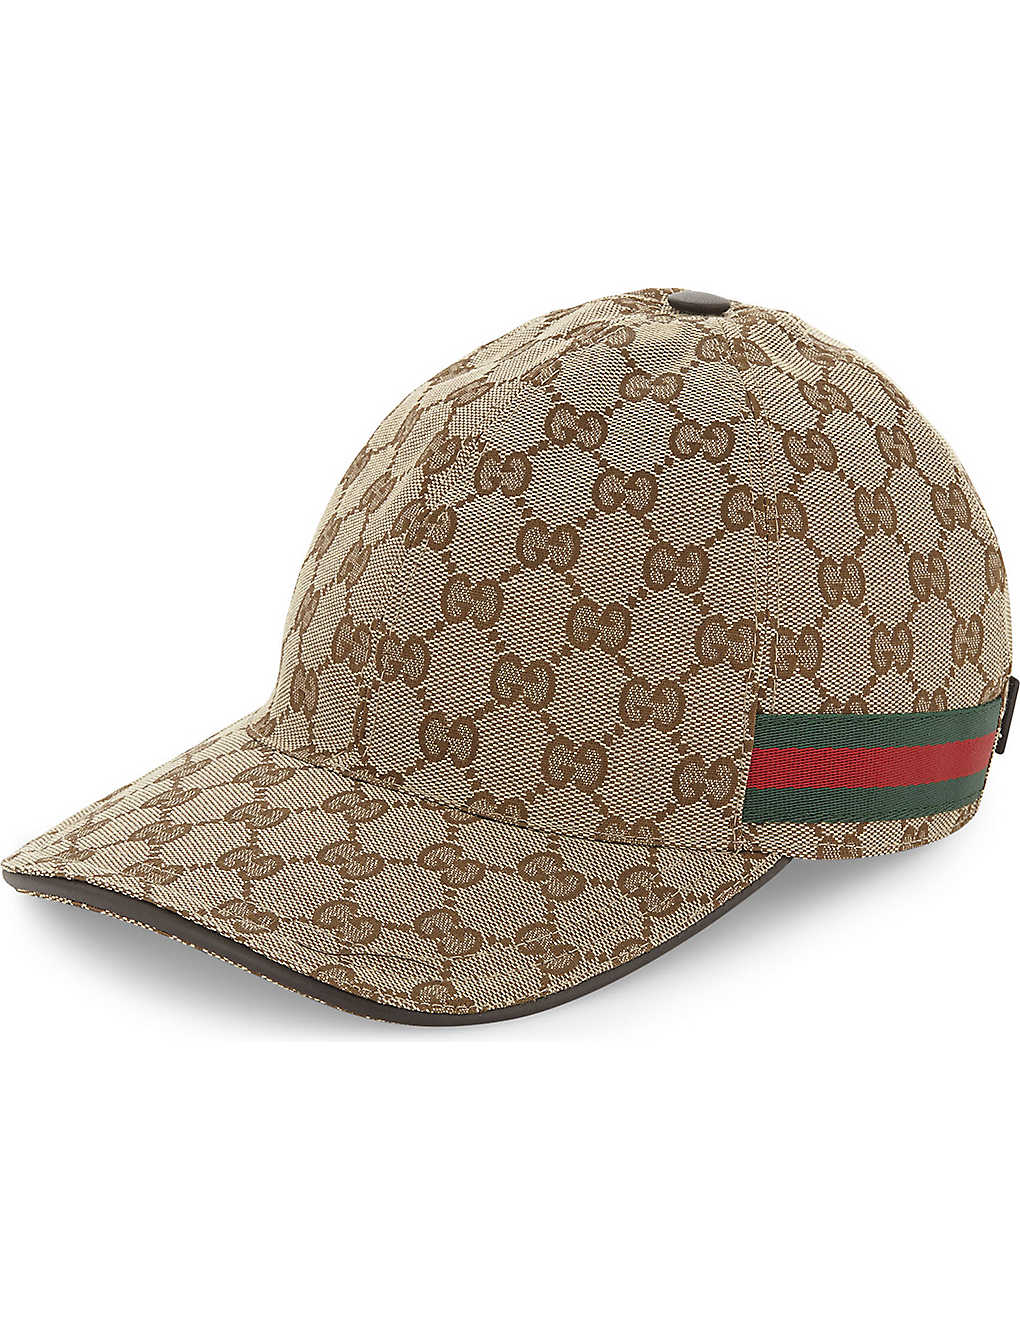 GUCCI - GG Web stripe baseball cap  94552ed2c2e9